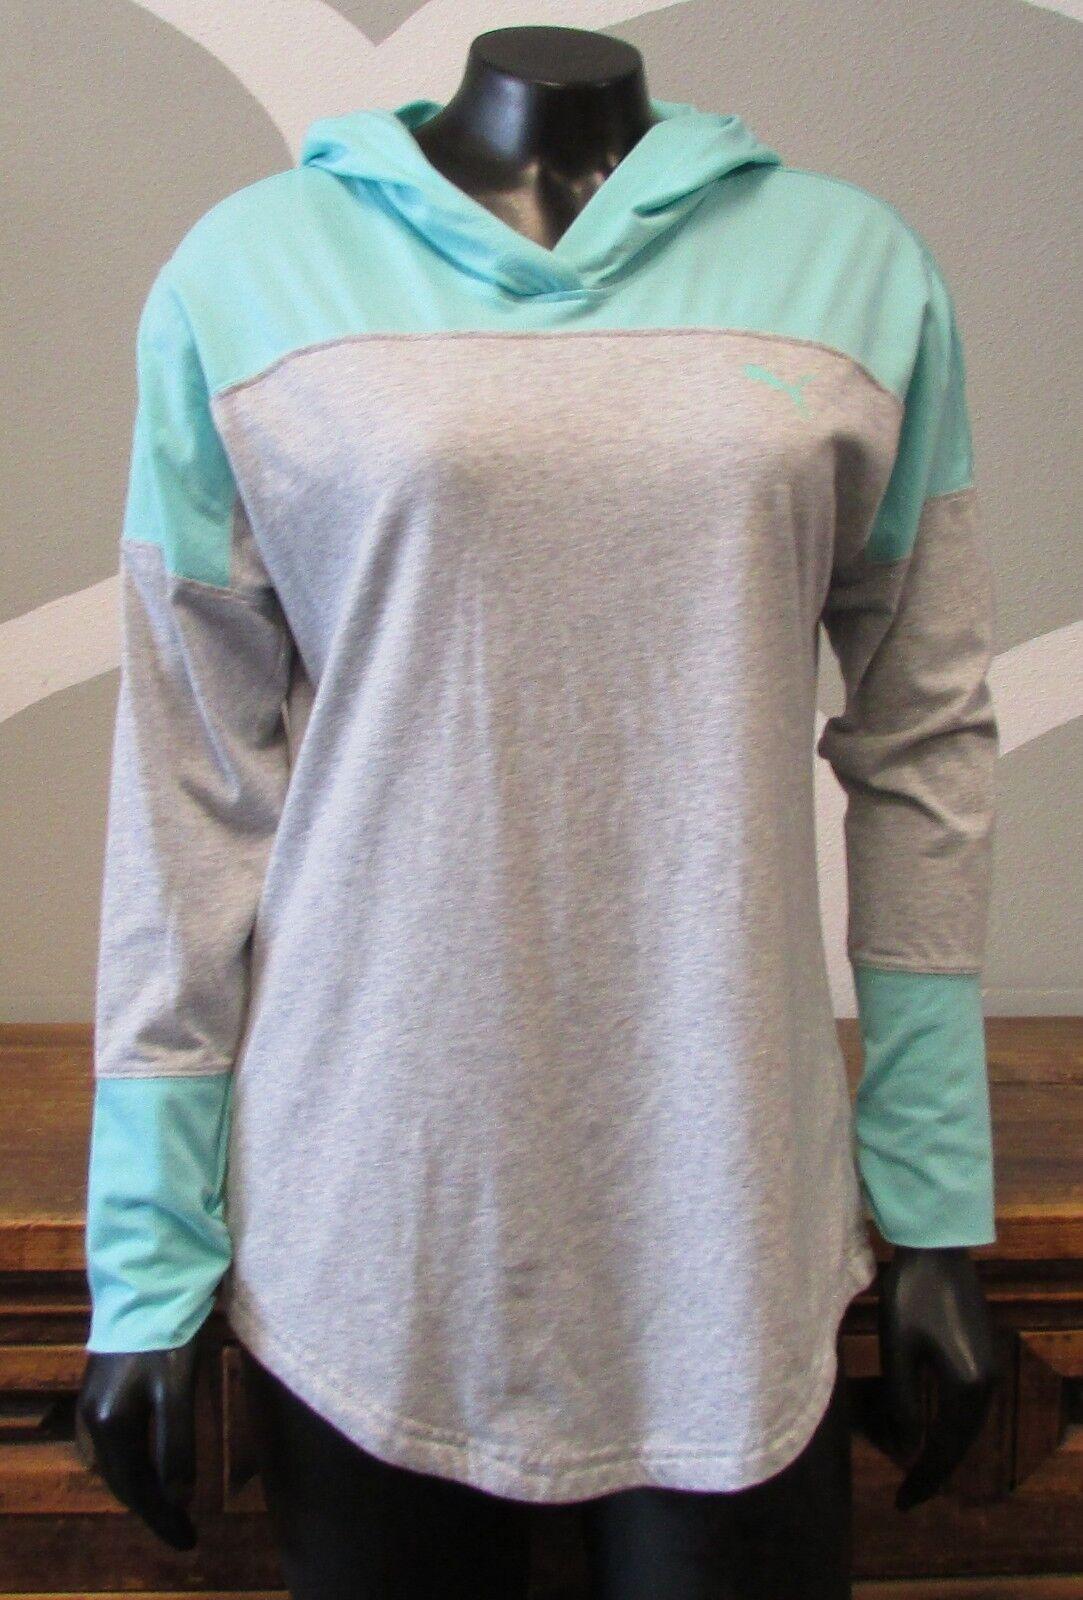 PUMA Gray Teal Pullover Hooded Athletic Running Top - Medium